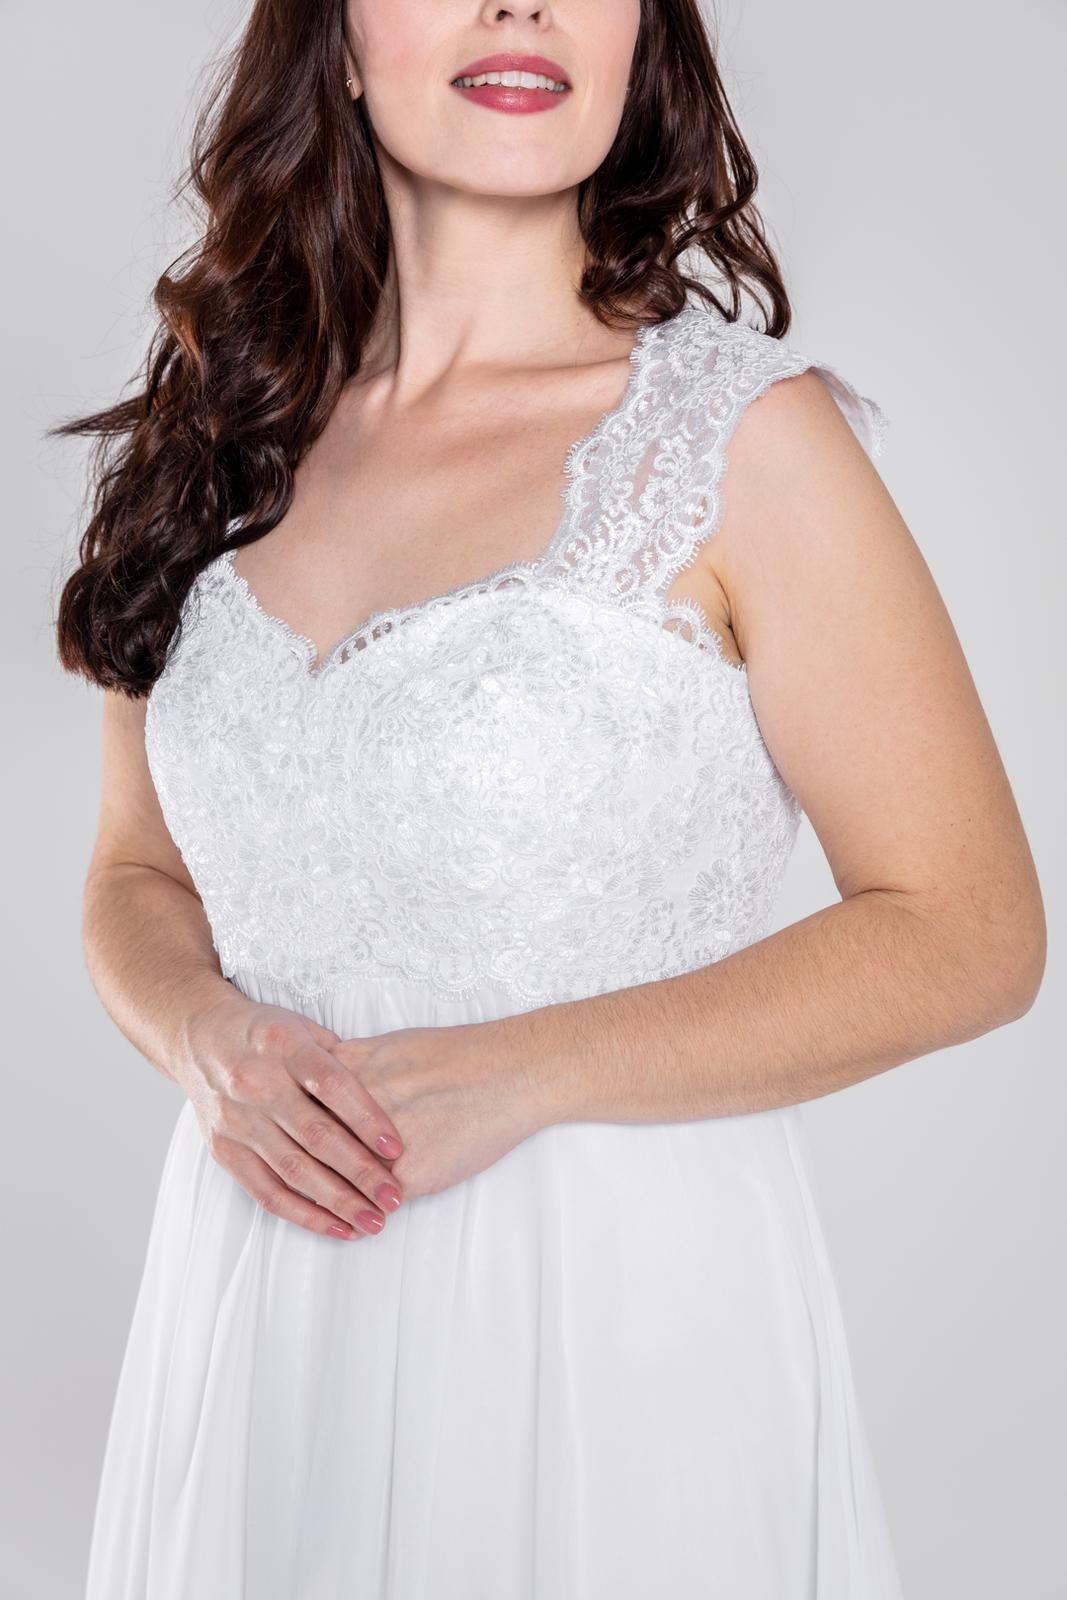 Těhotenské svatební šaty na šněrování, 36-48 - Obrázek č. 1